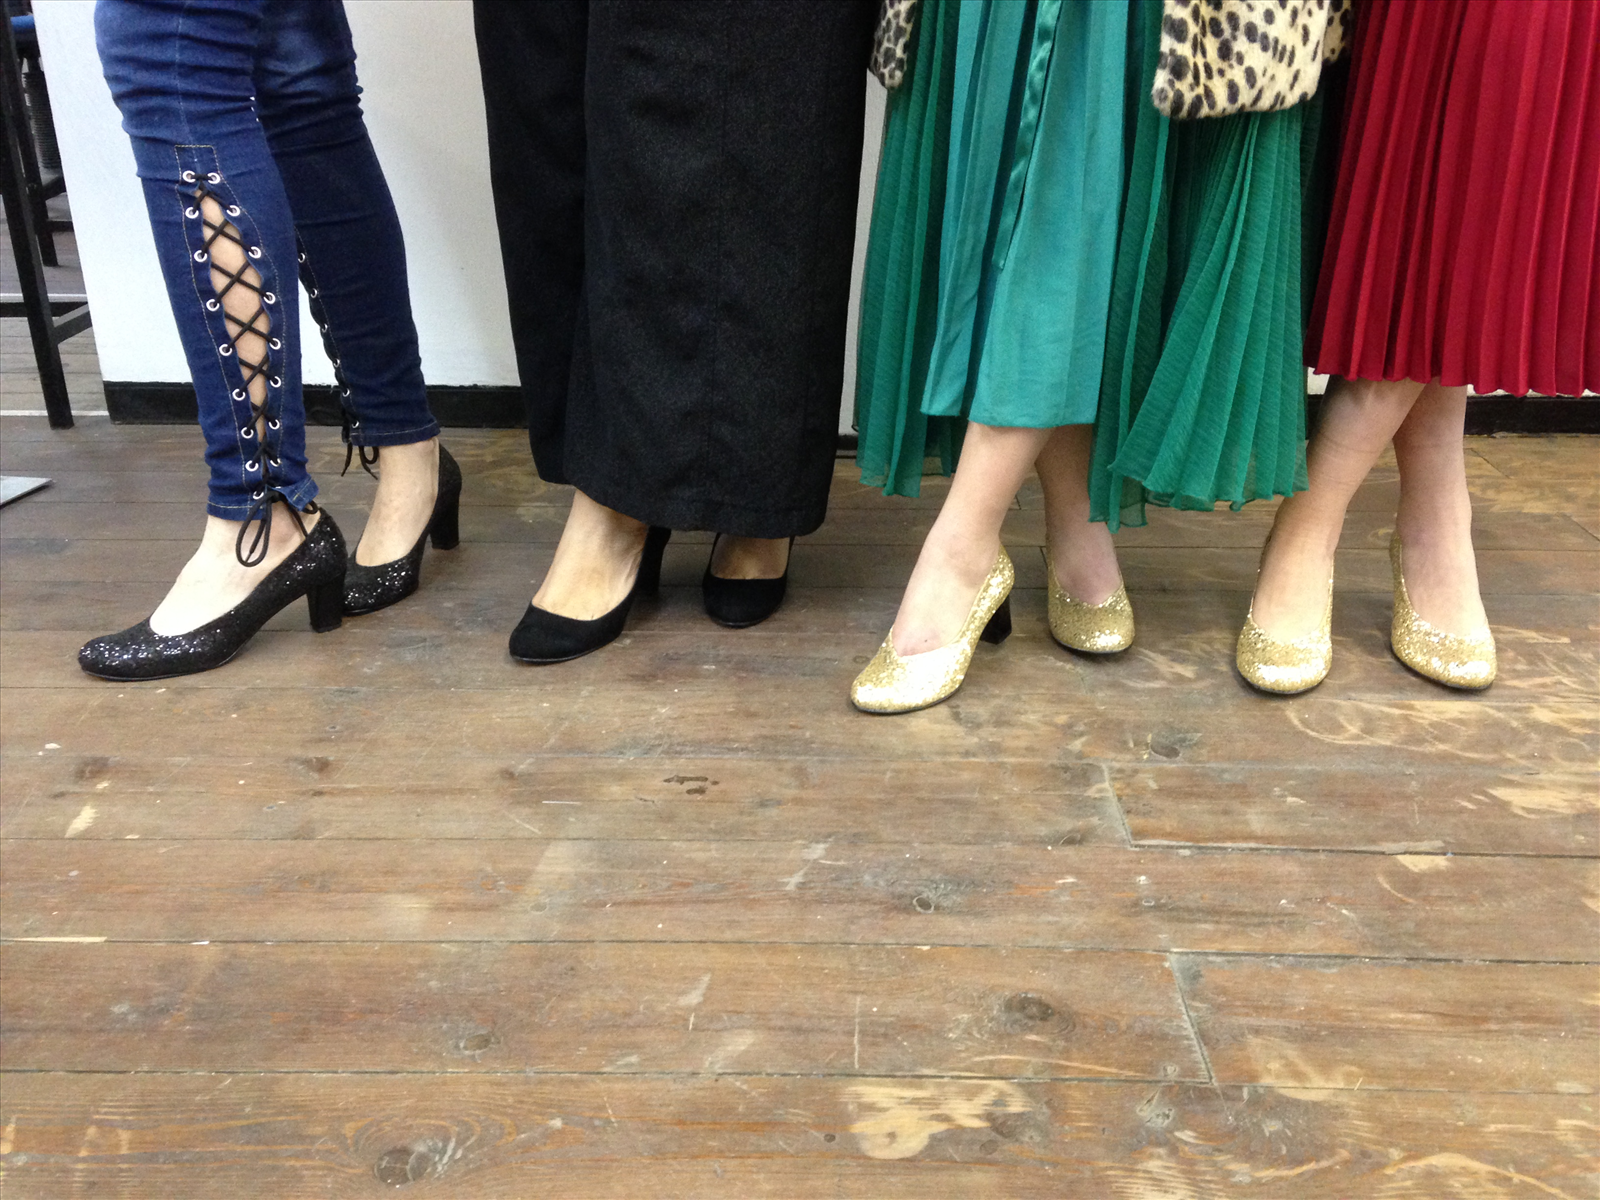 הסתיים קורס ראשון בעיצוב נעלים